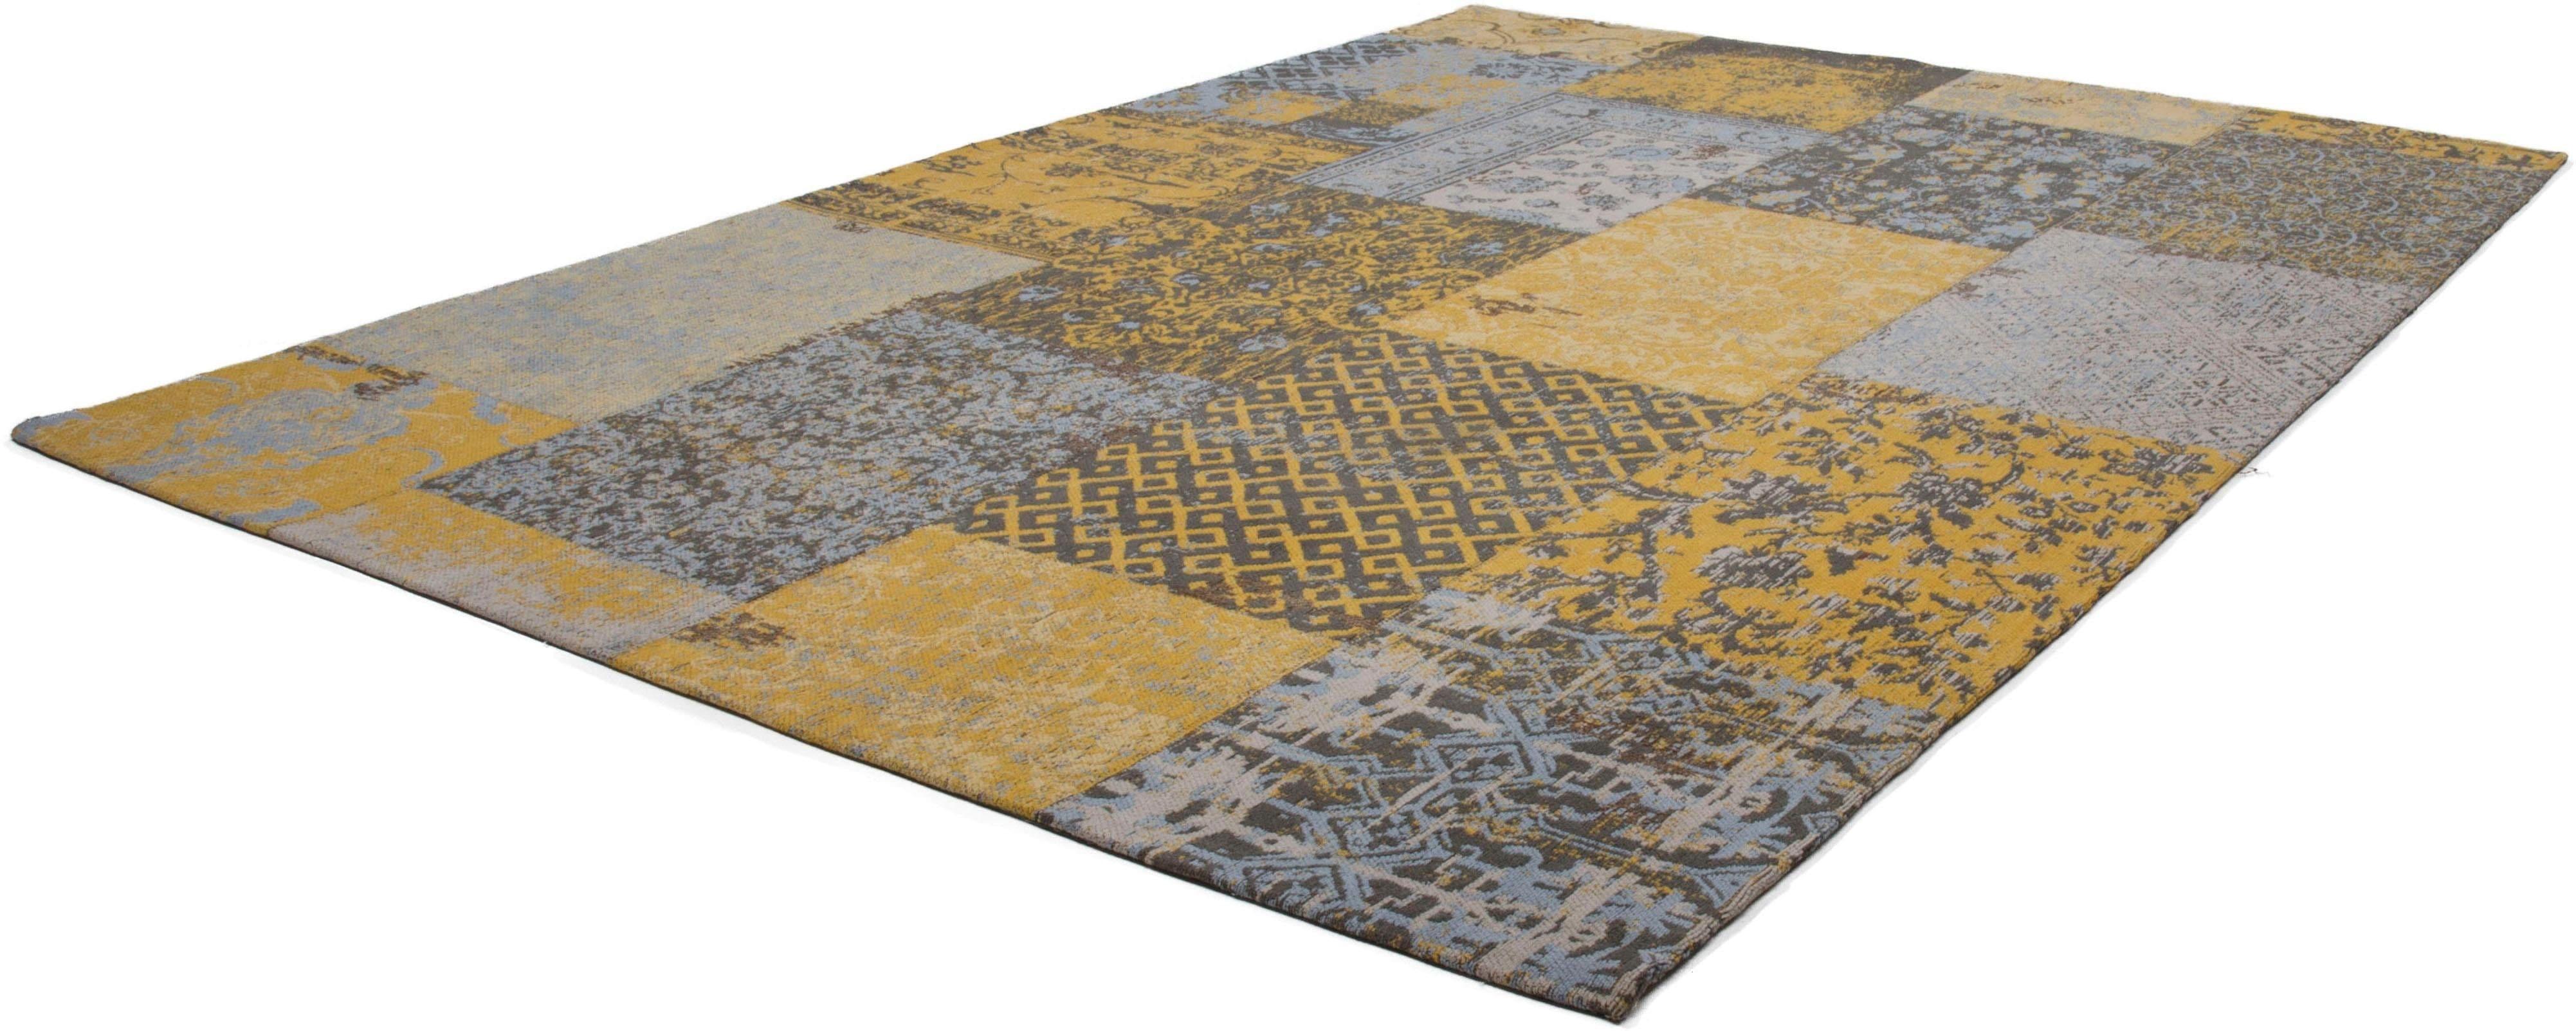 Teppich Kefes 250 calo-deluxe rechteckig Höhe 8 mm handgewebt